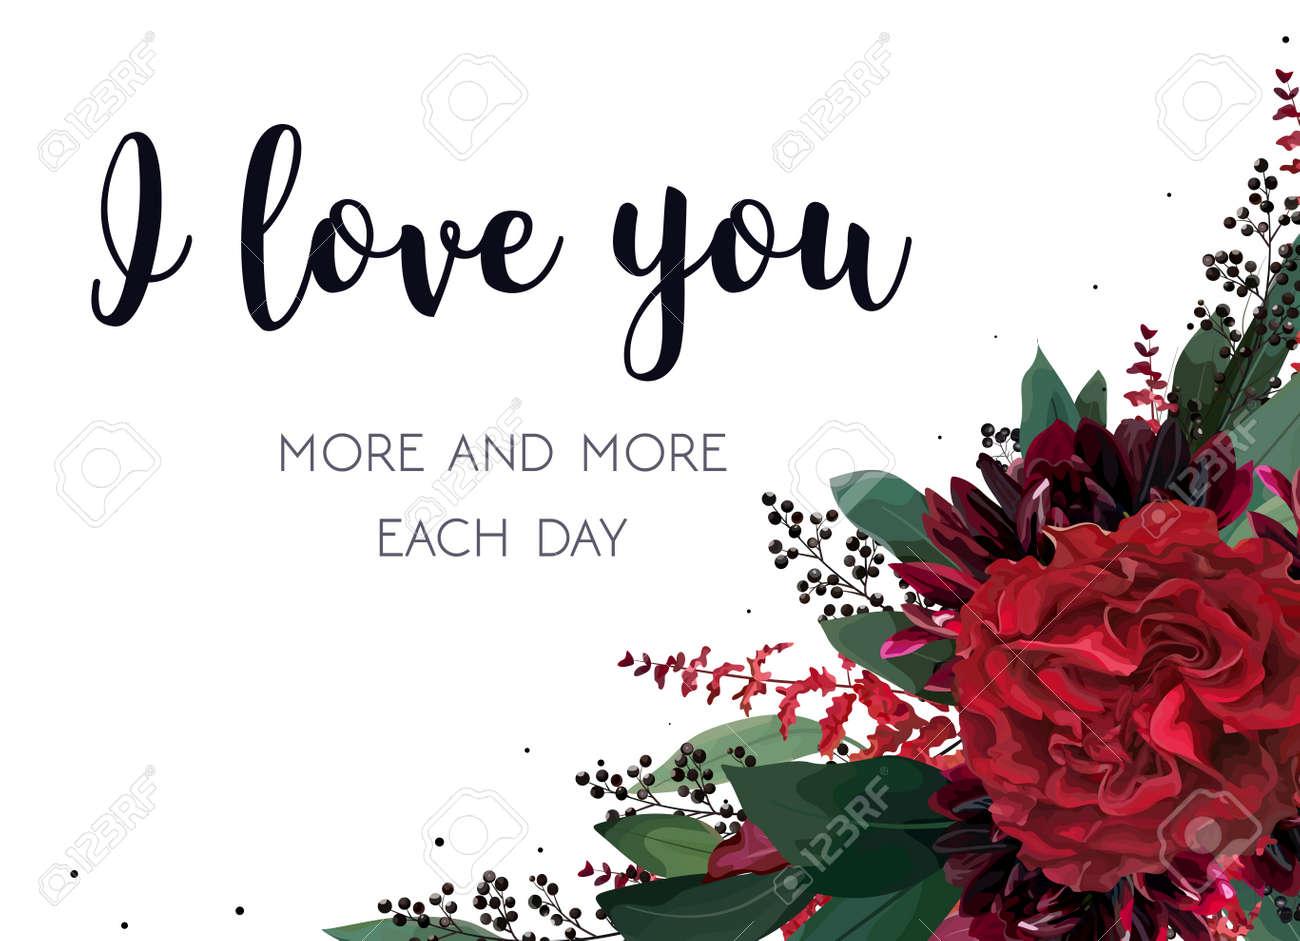 Floral valentine's card design. - 92929164